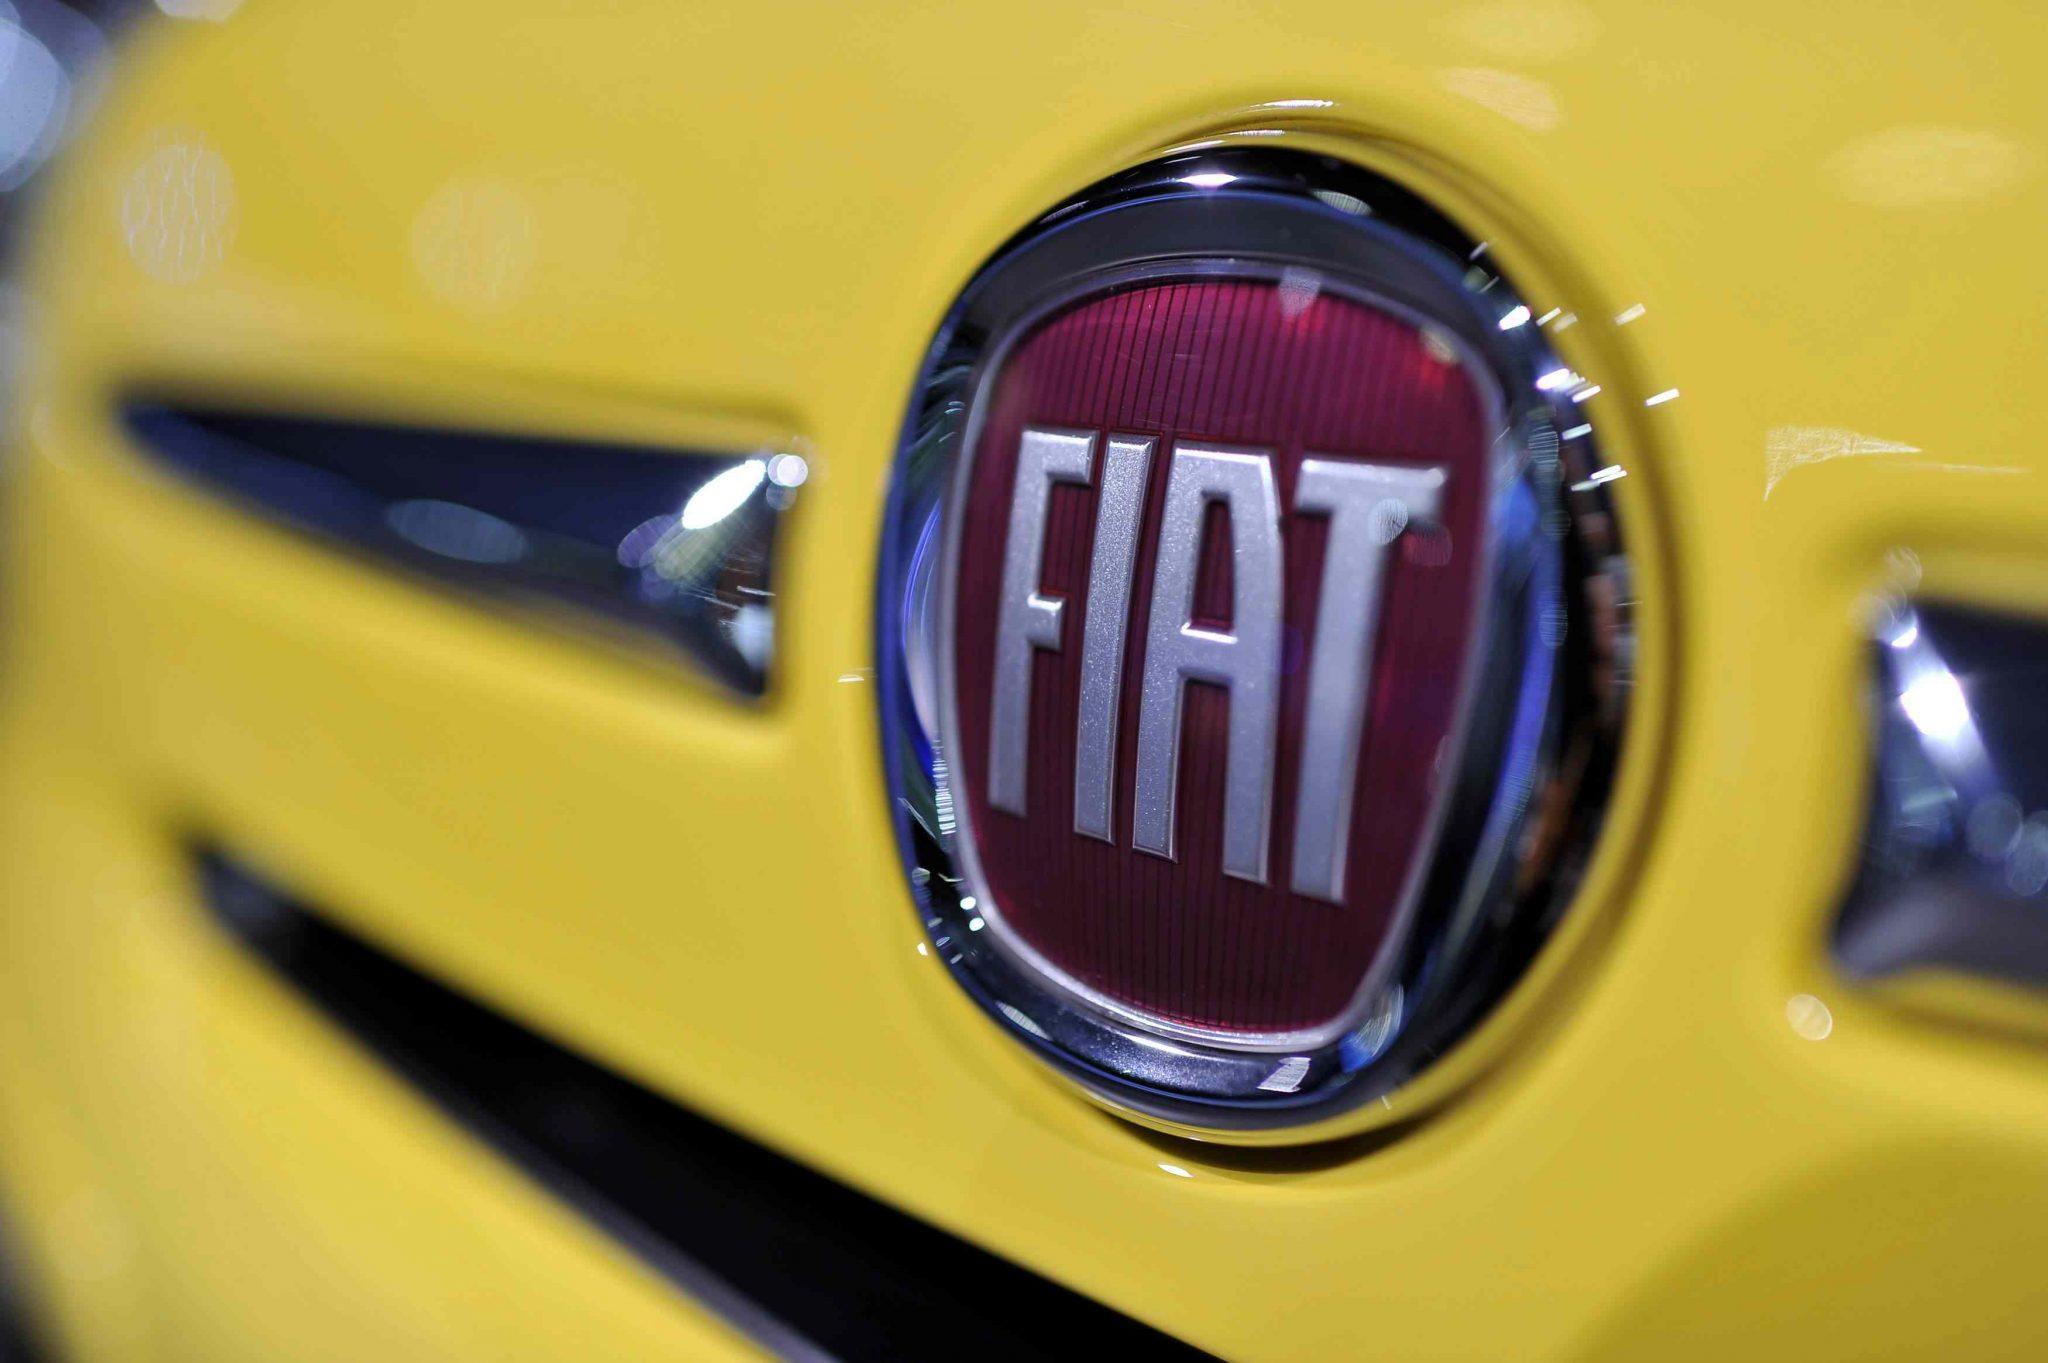 まとめ - 故障が多いと言われるフィアット車、ディーラー車検はやはり高額な部類となる